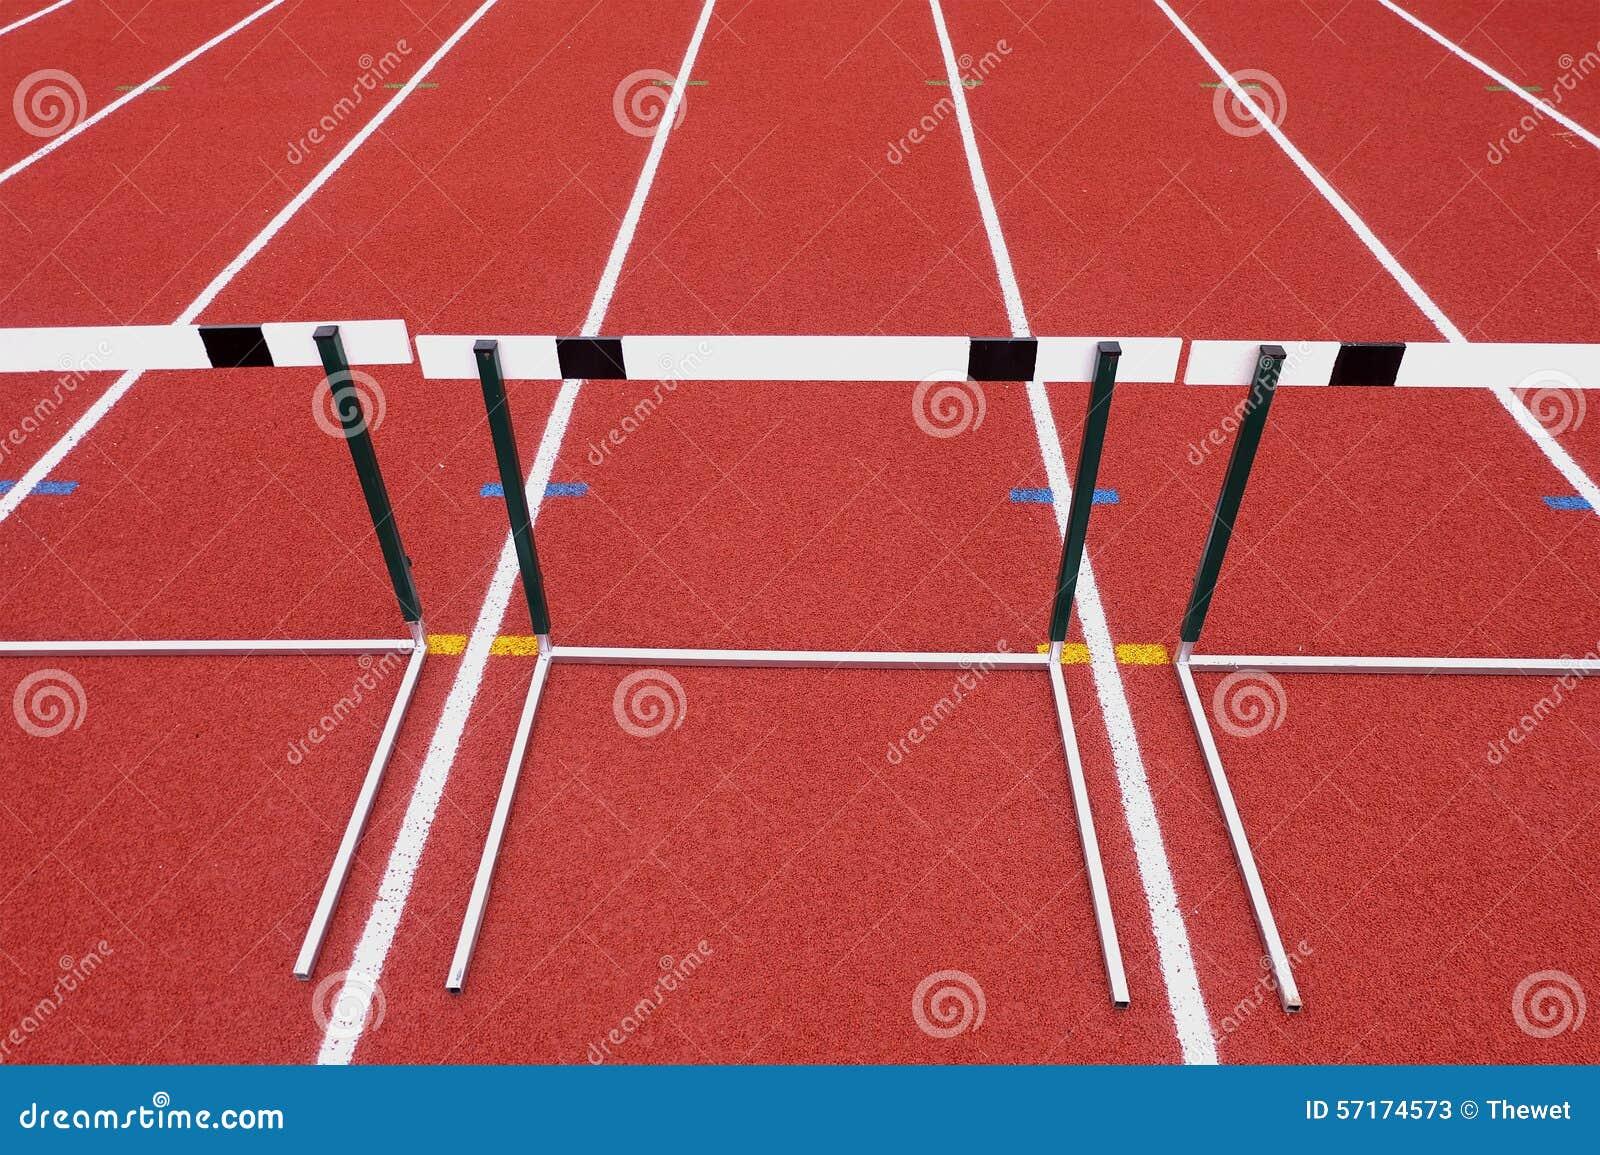 轨道领域的区域运动员赛跑的图片